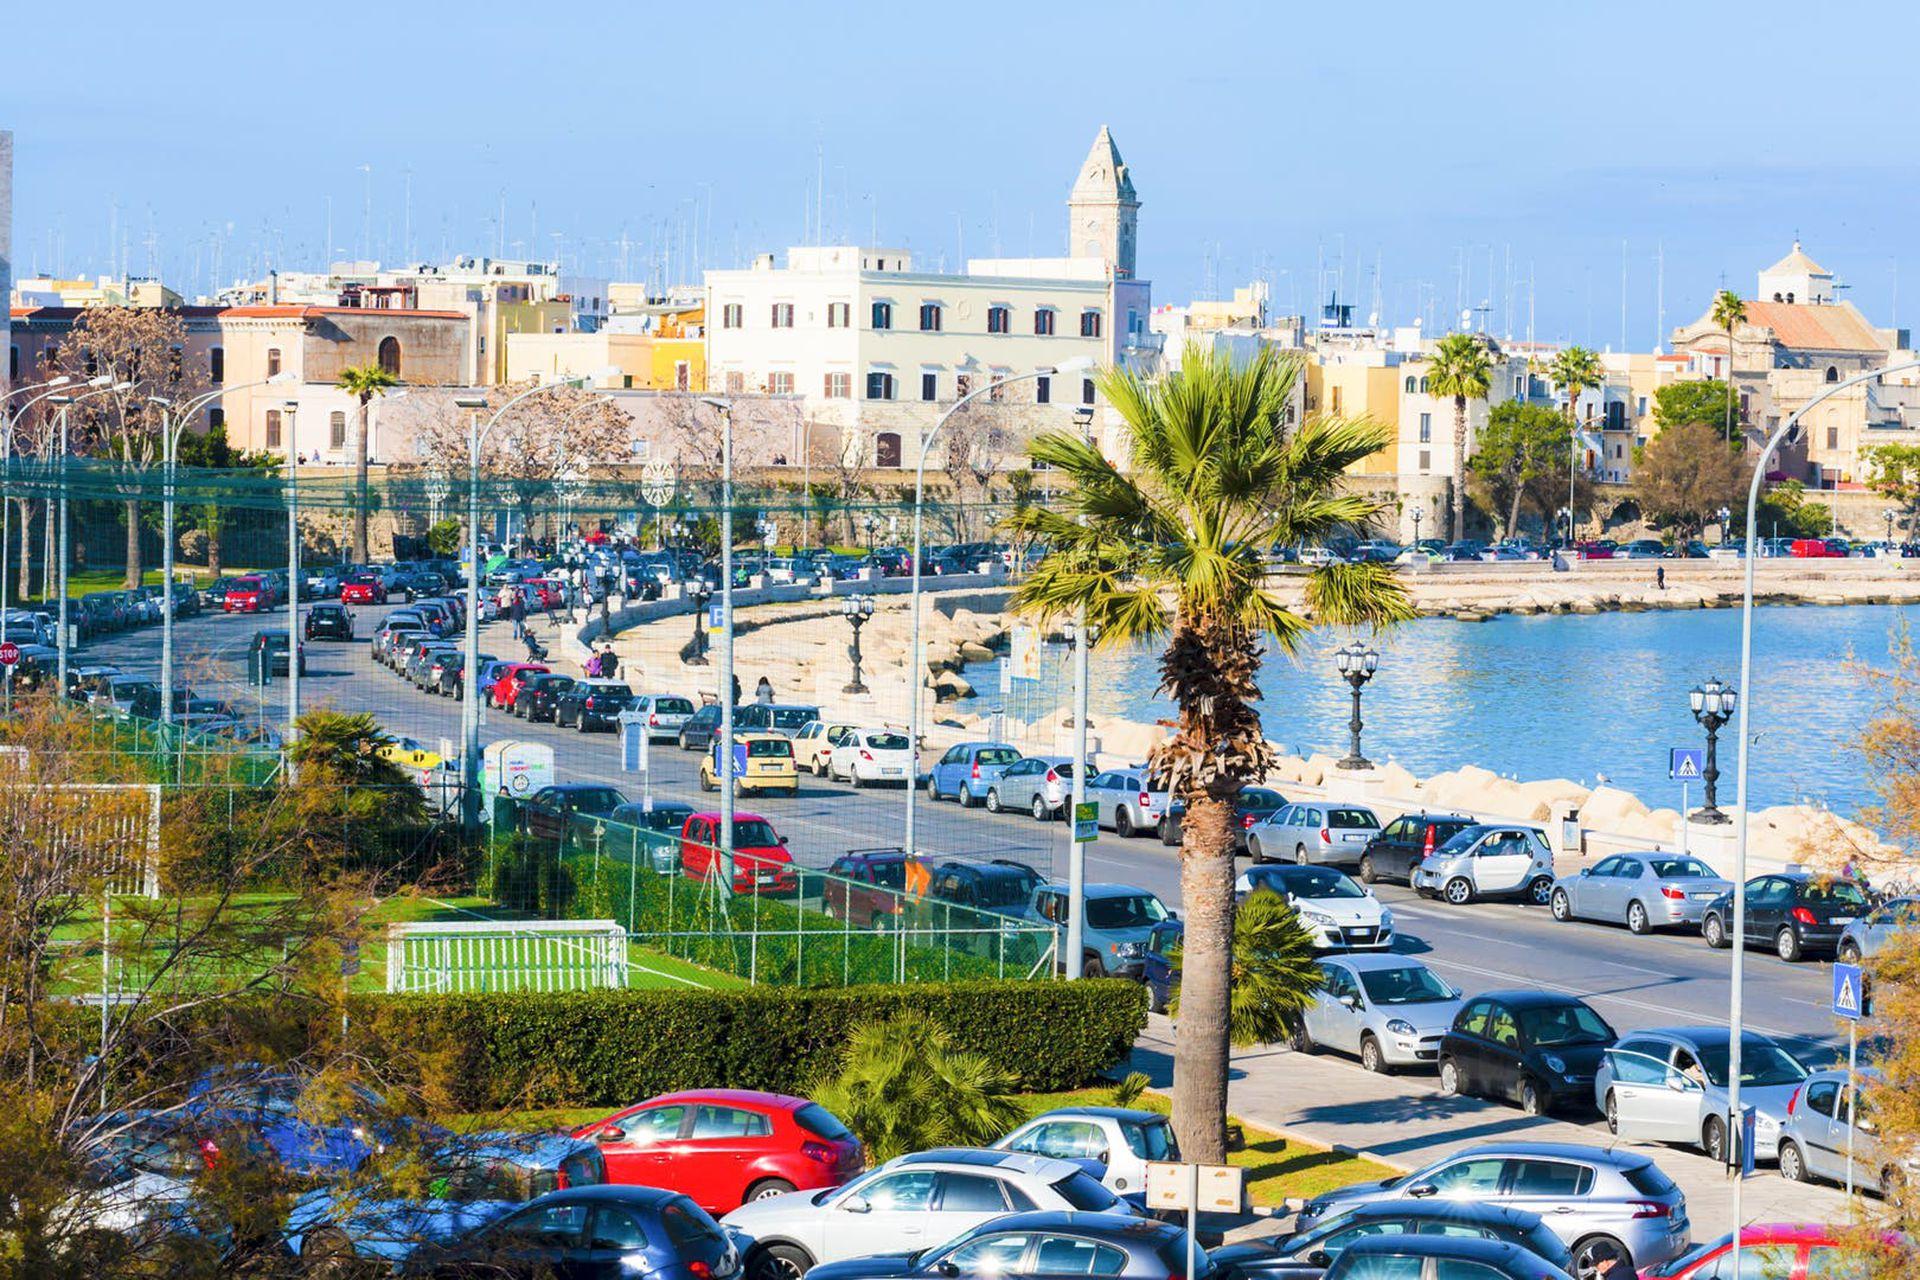 Bari, la ciudad más importante de la región.